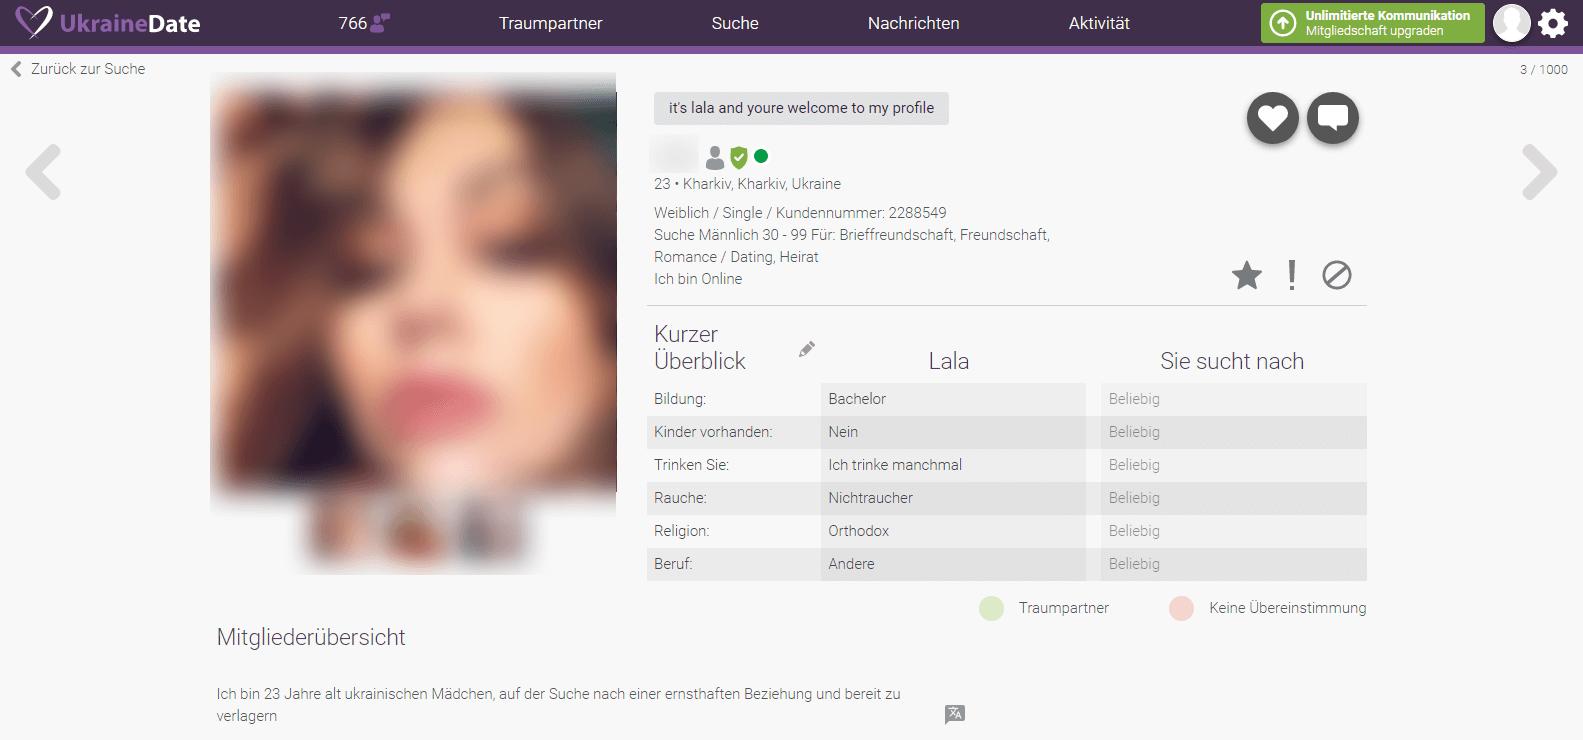 UkraineDate Profil